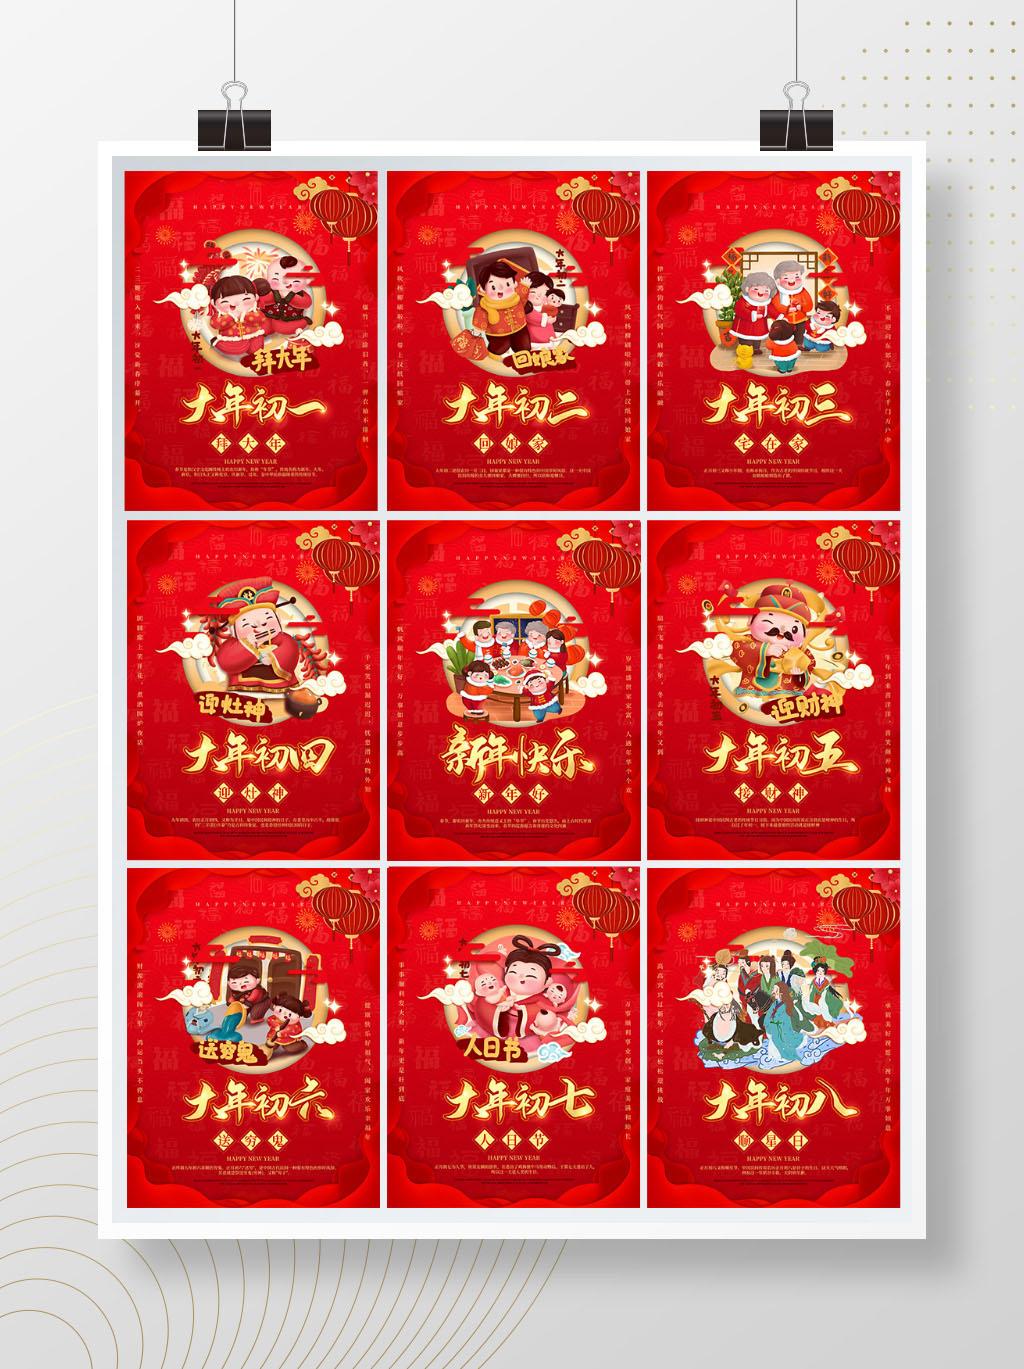 初一到初八年俗套图海报春节习俗宣传海报PSD源文件插图